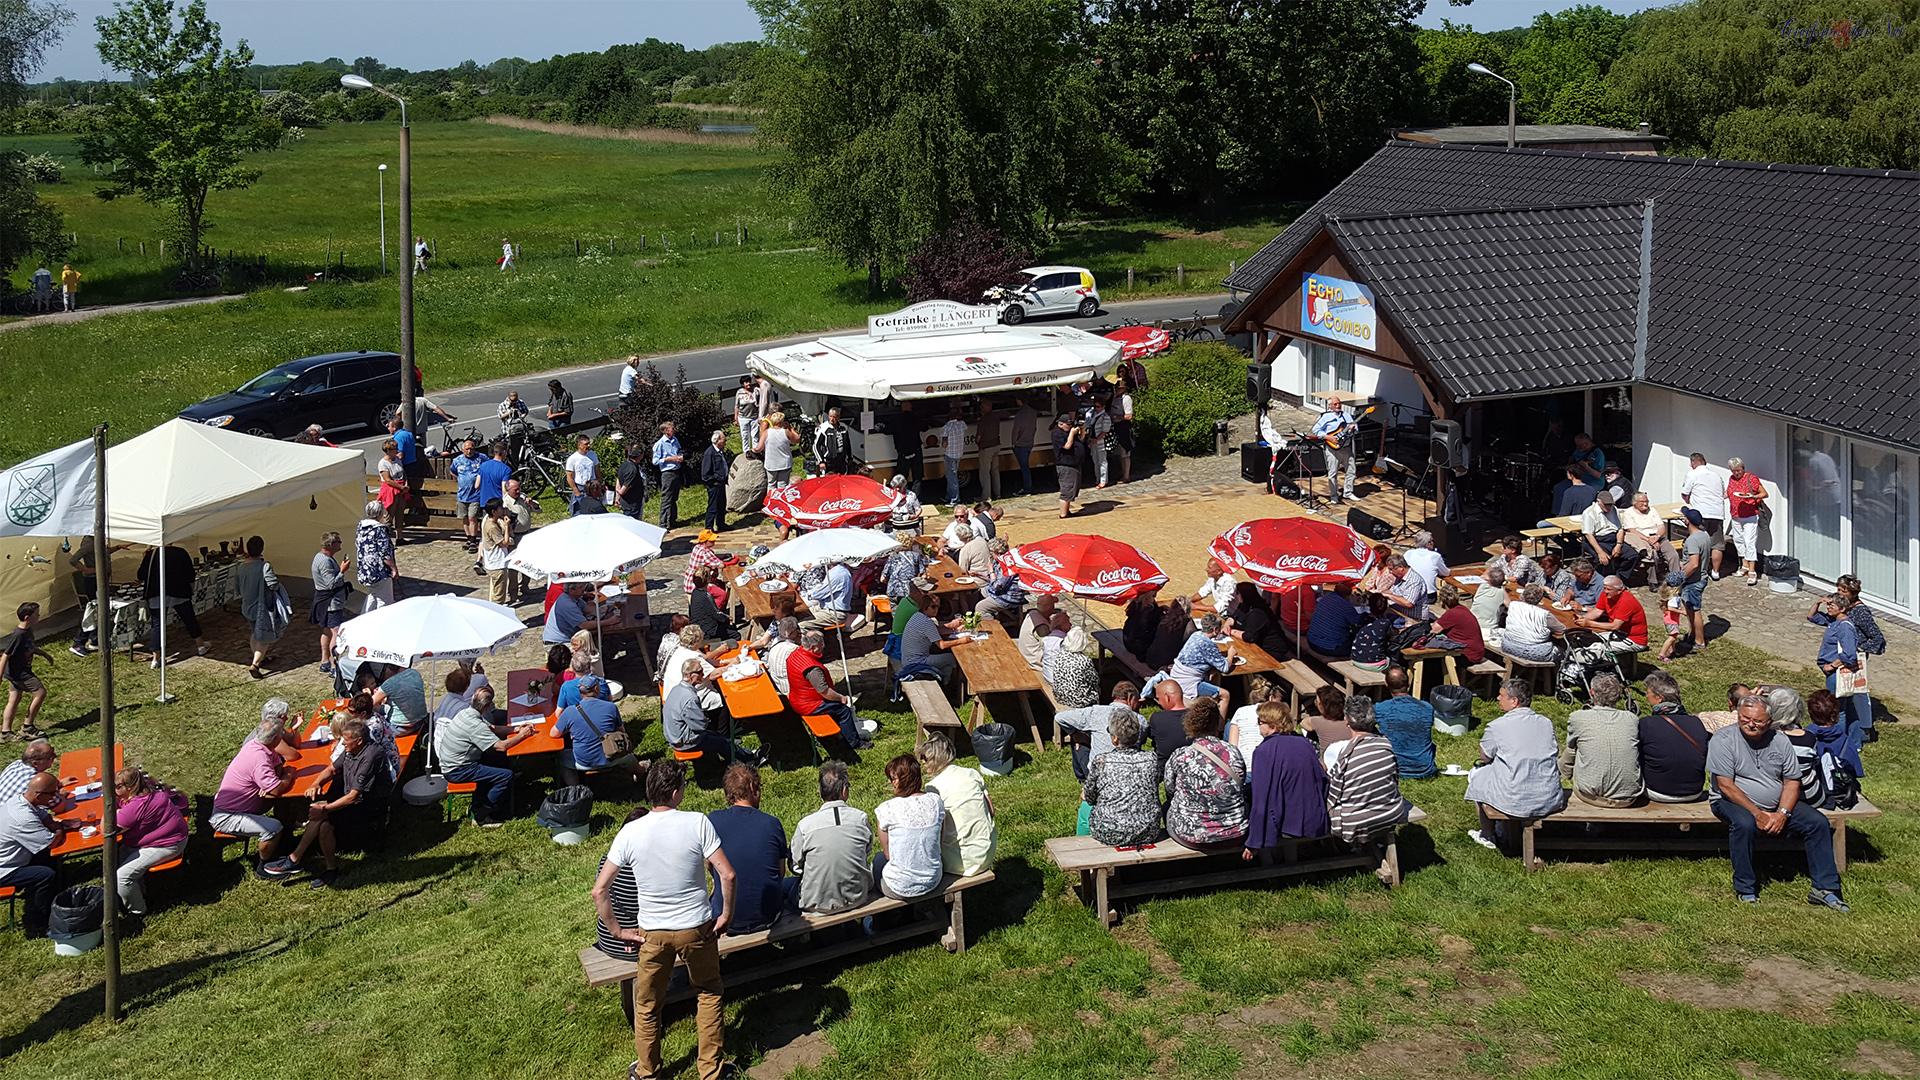 Mühlenfest 2018 in Greifswald-Eldena